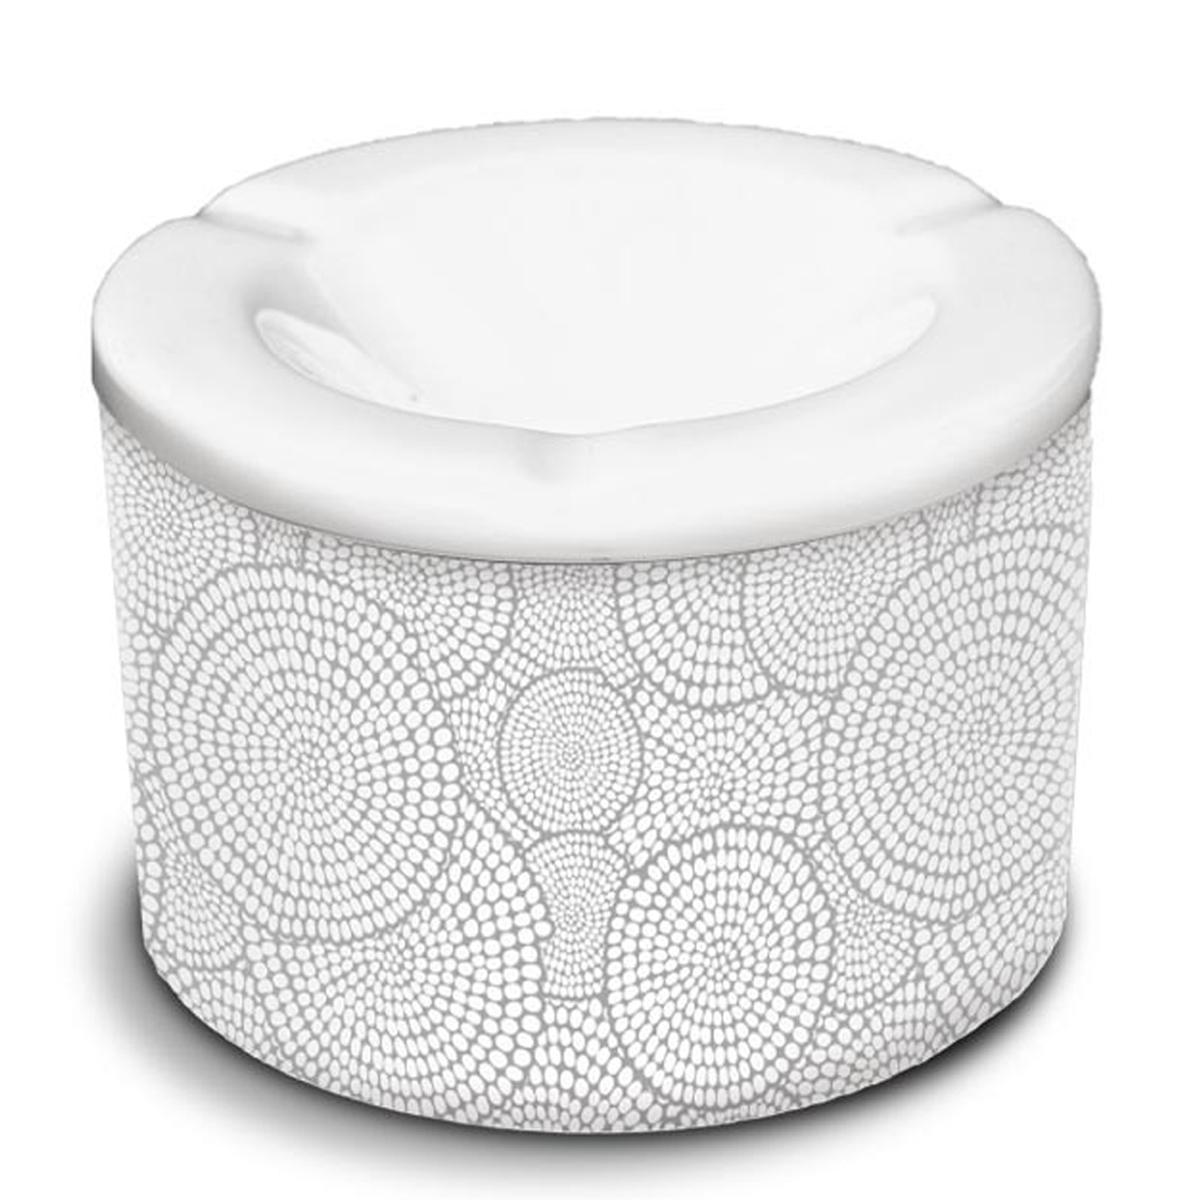 Cendrier marocain céramique \'Tropical\' noir blanc  (cercles escargots) - 10x7 cm - [A3158]